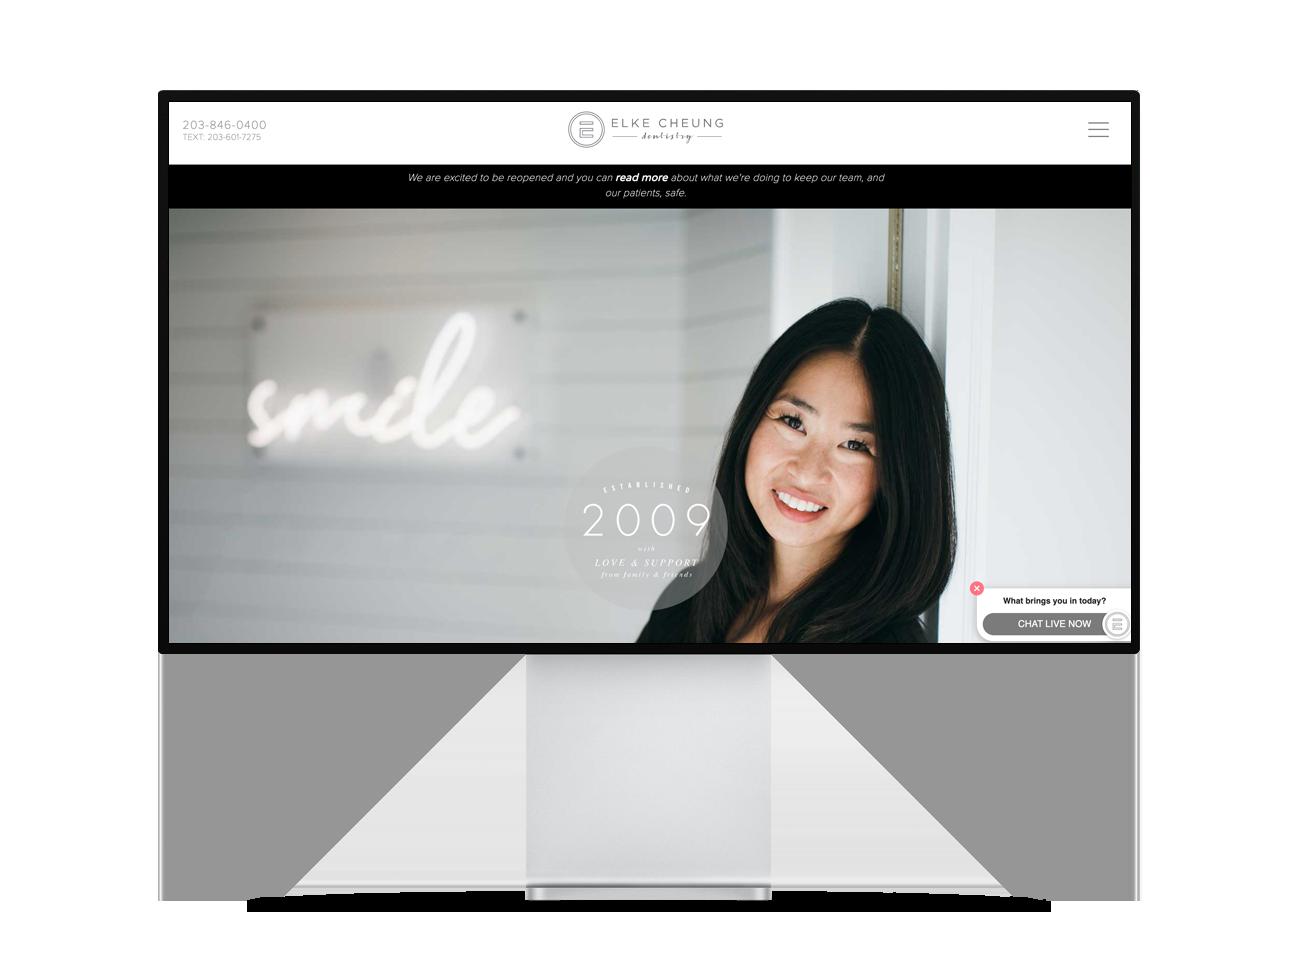 Screenshot of Elke Cheung Dentistry's website homepage